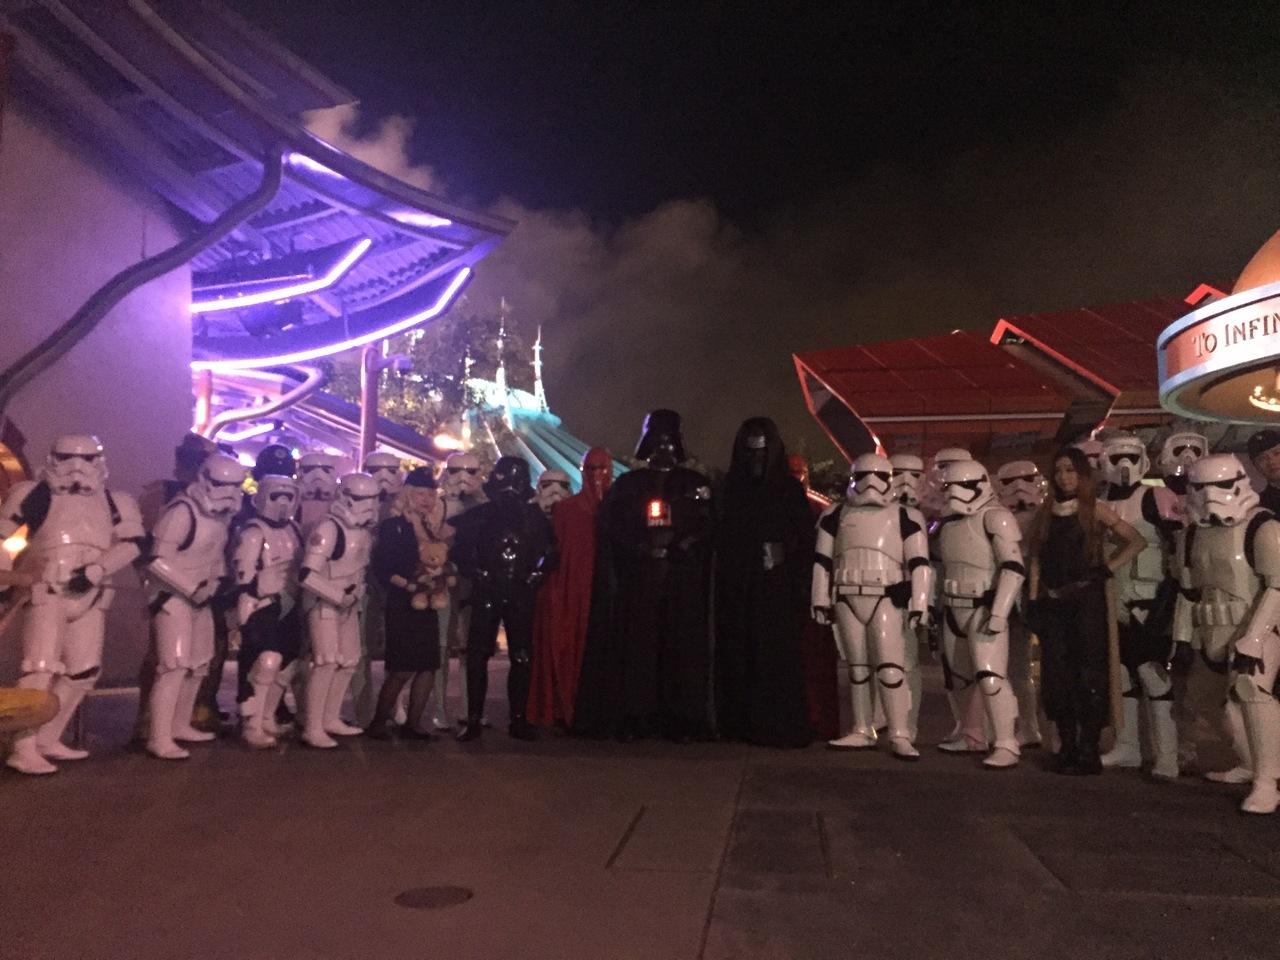 香港ディズニー 10周年特別イベント編』香港の旅行記・ブログ by えり